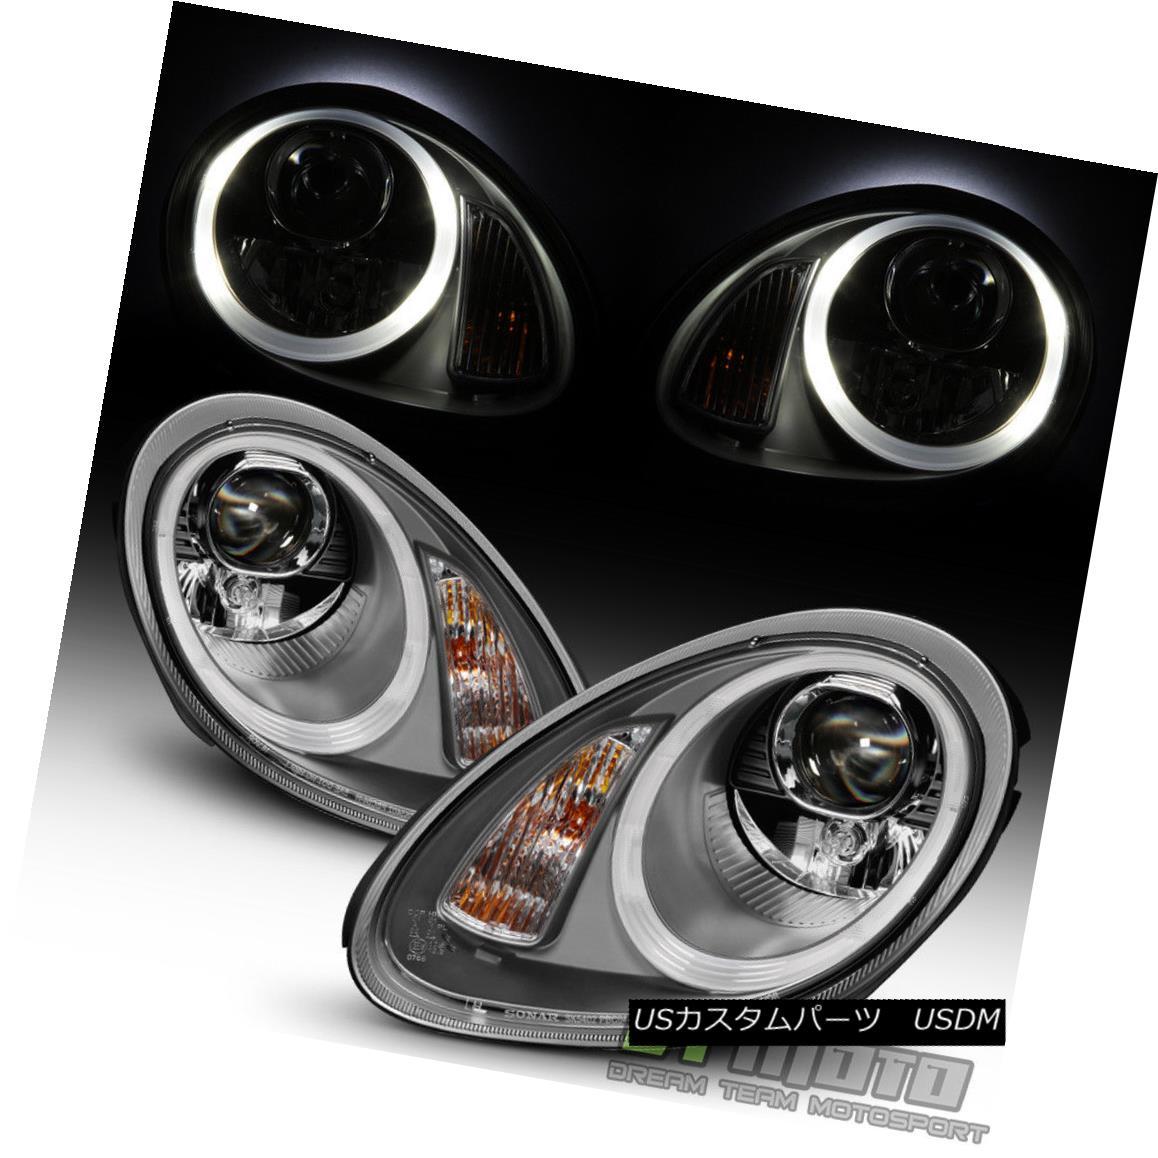 ヘッドライト Gray 2005-2008 Porsche Boxster 987 Cayman Halogen LED DRL Projector Headlights Grey 2005-2008 Porsche Boxster 987 CaymanハロゲンLED DRLプロジェクターヘッドライト